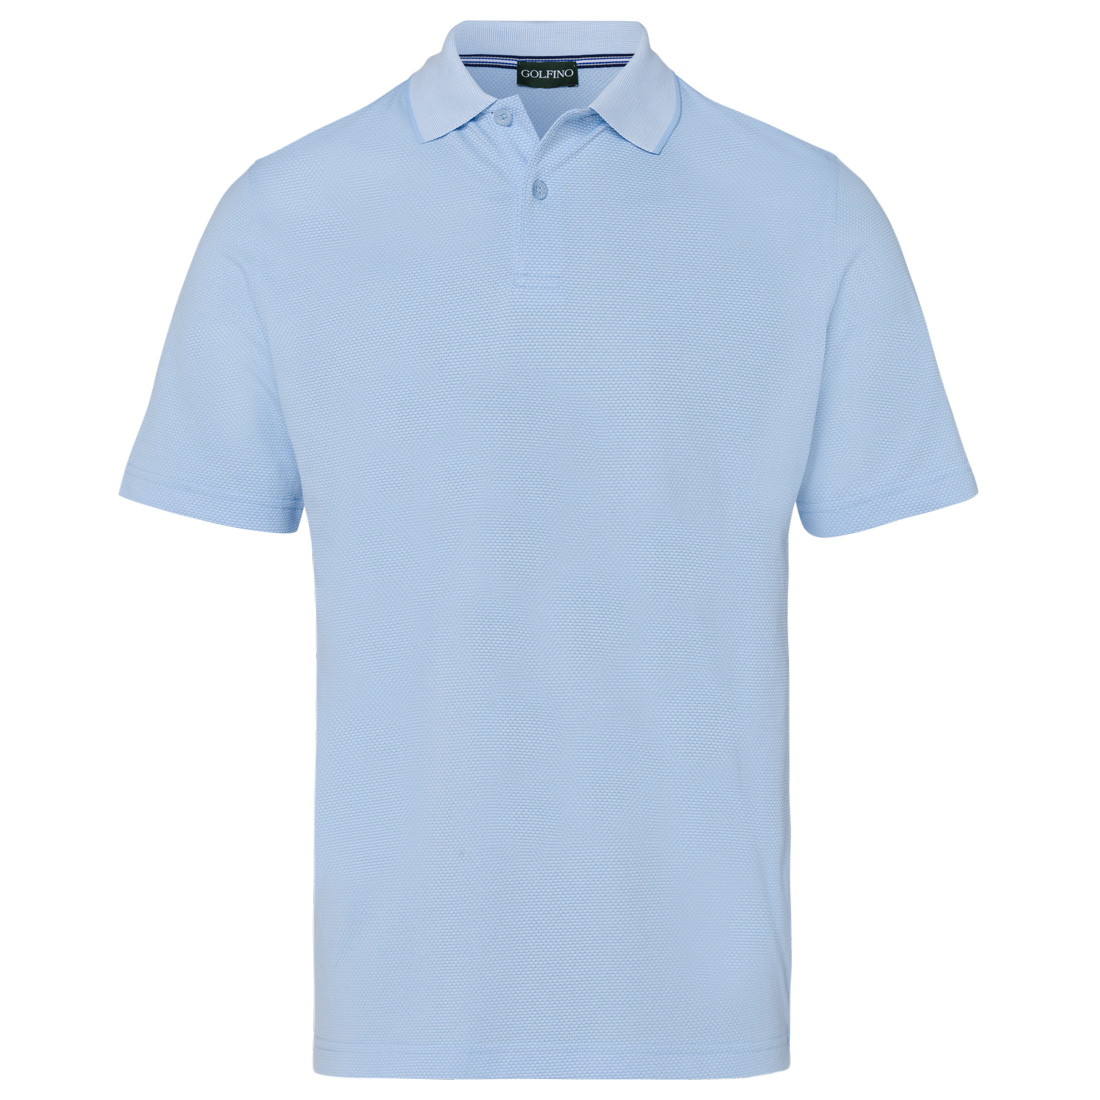 Herren Golfpolo angenehm leicht und atmungsaktiv